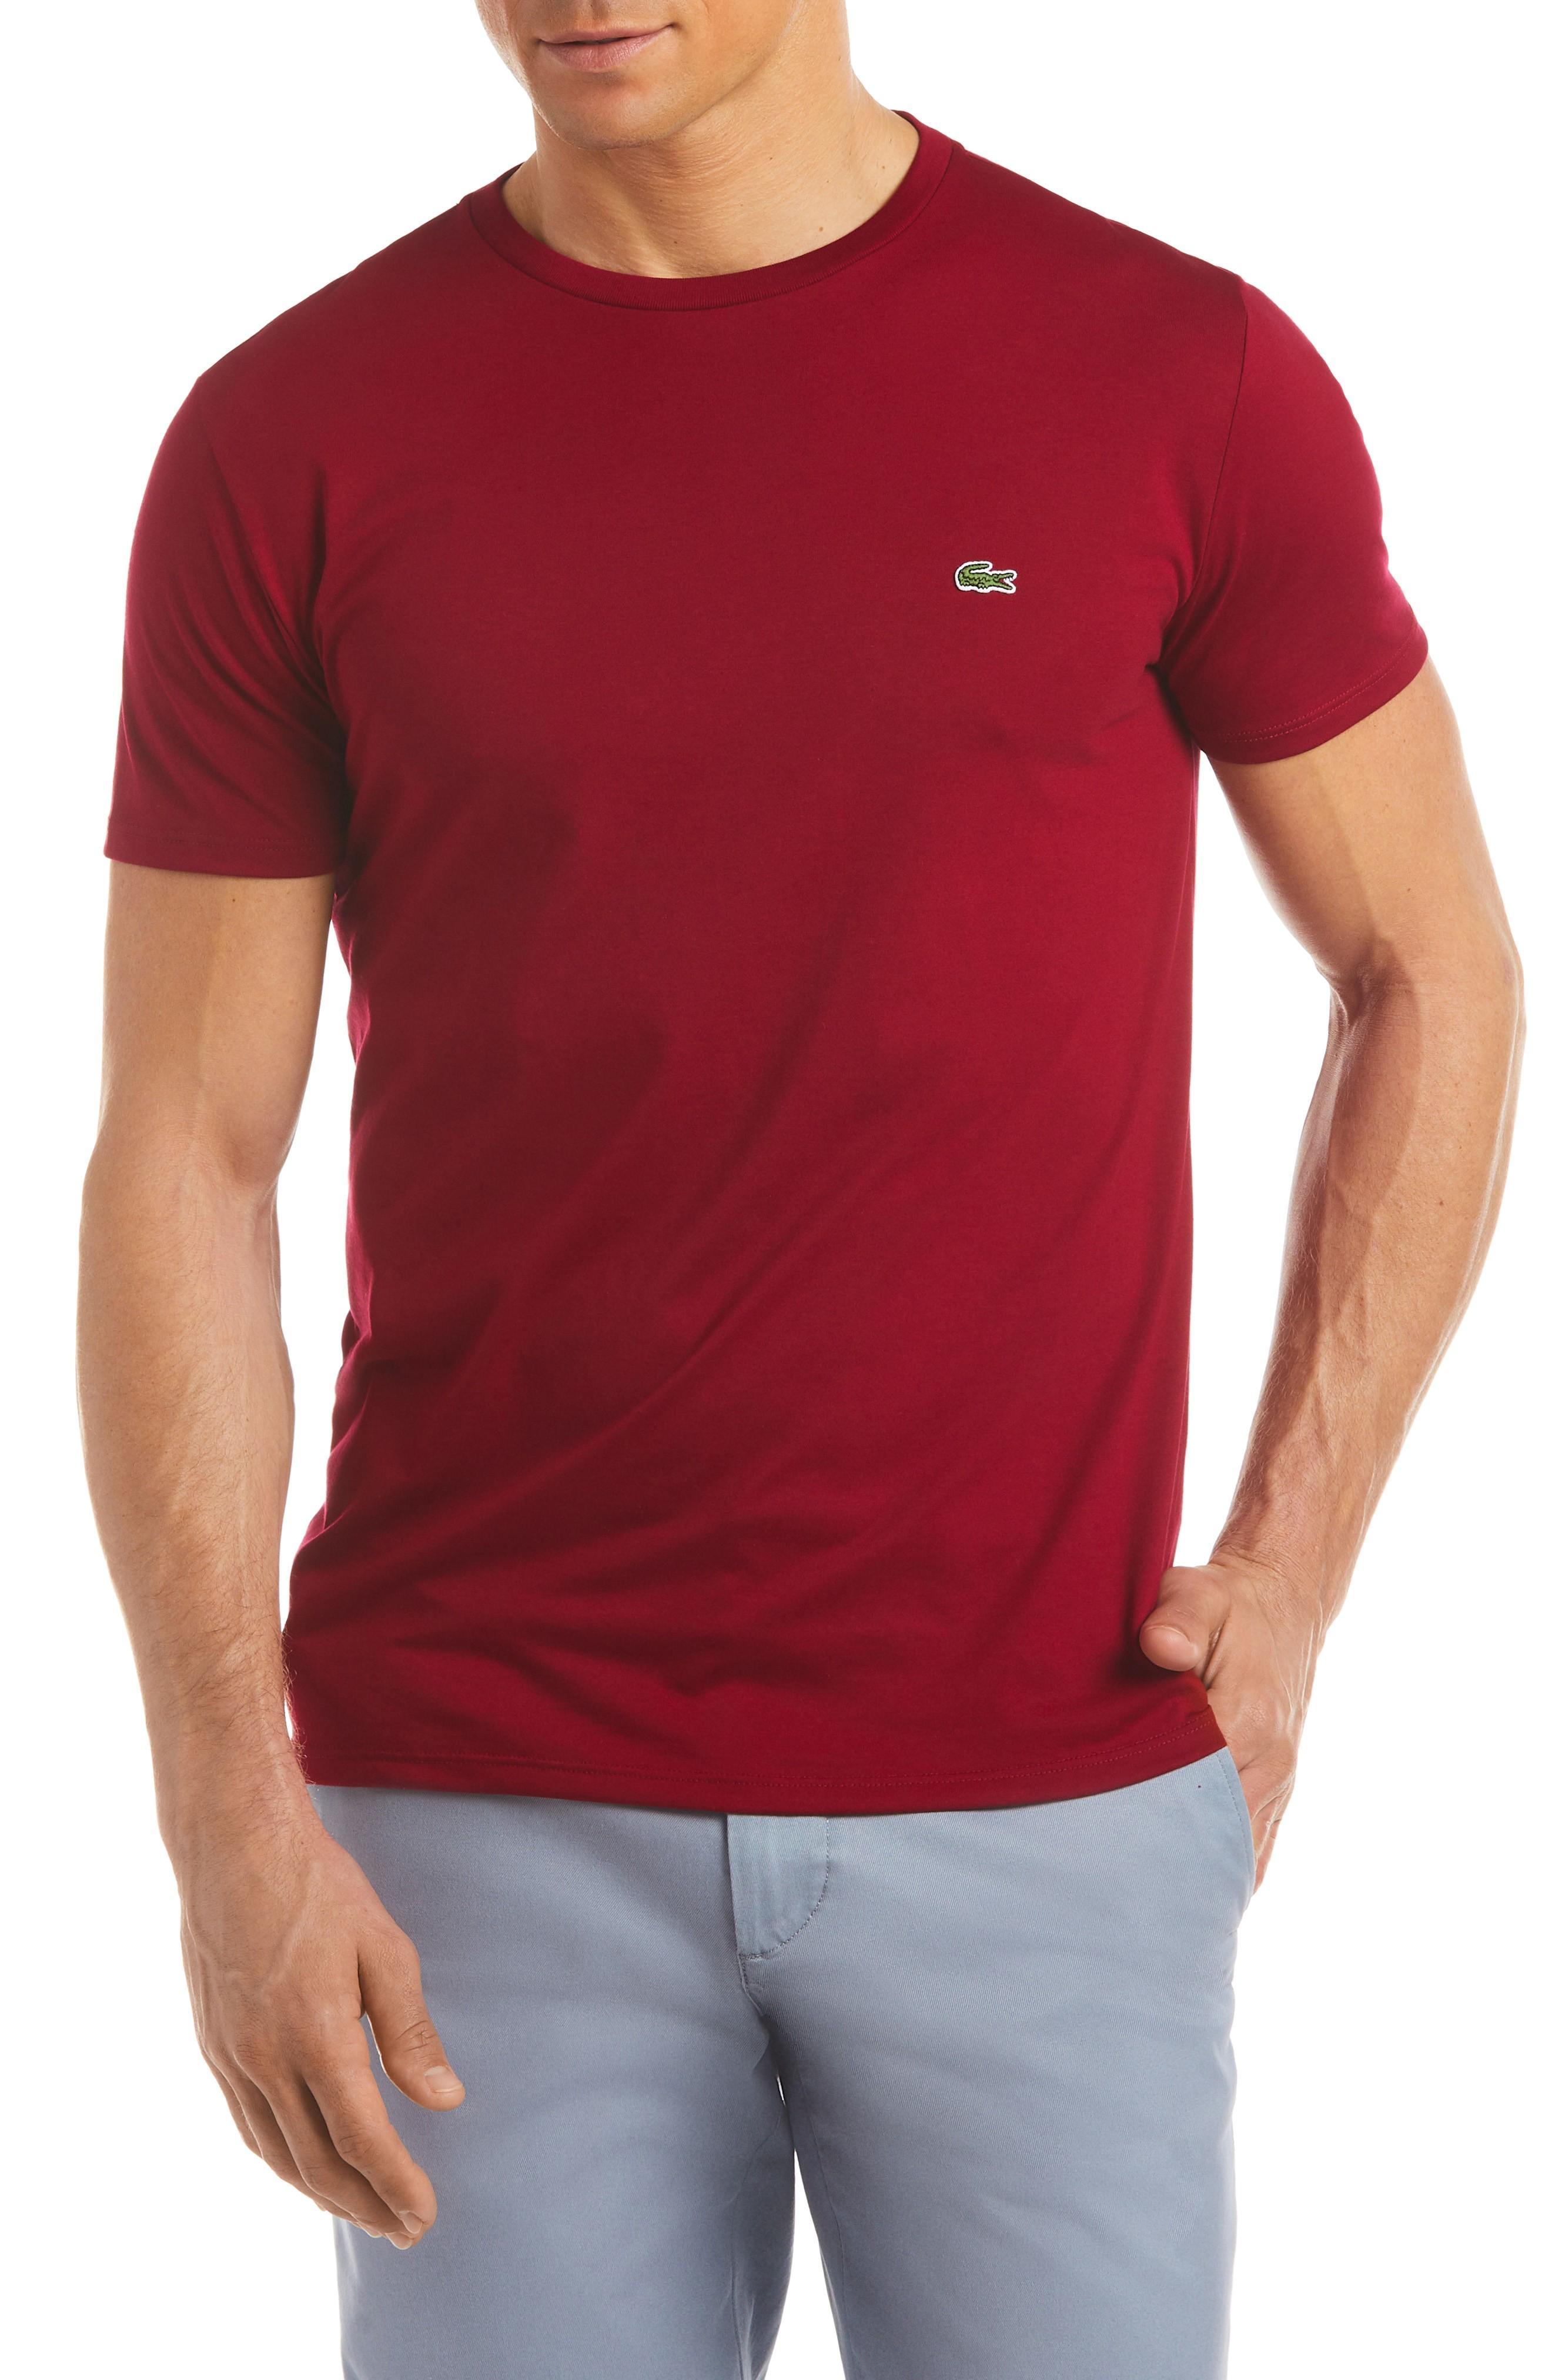 Lacoste Crewneck Cotton T-Shirt In Bordeaux